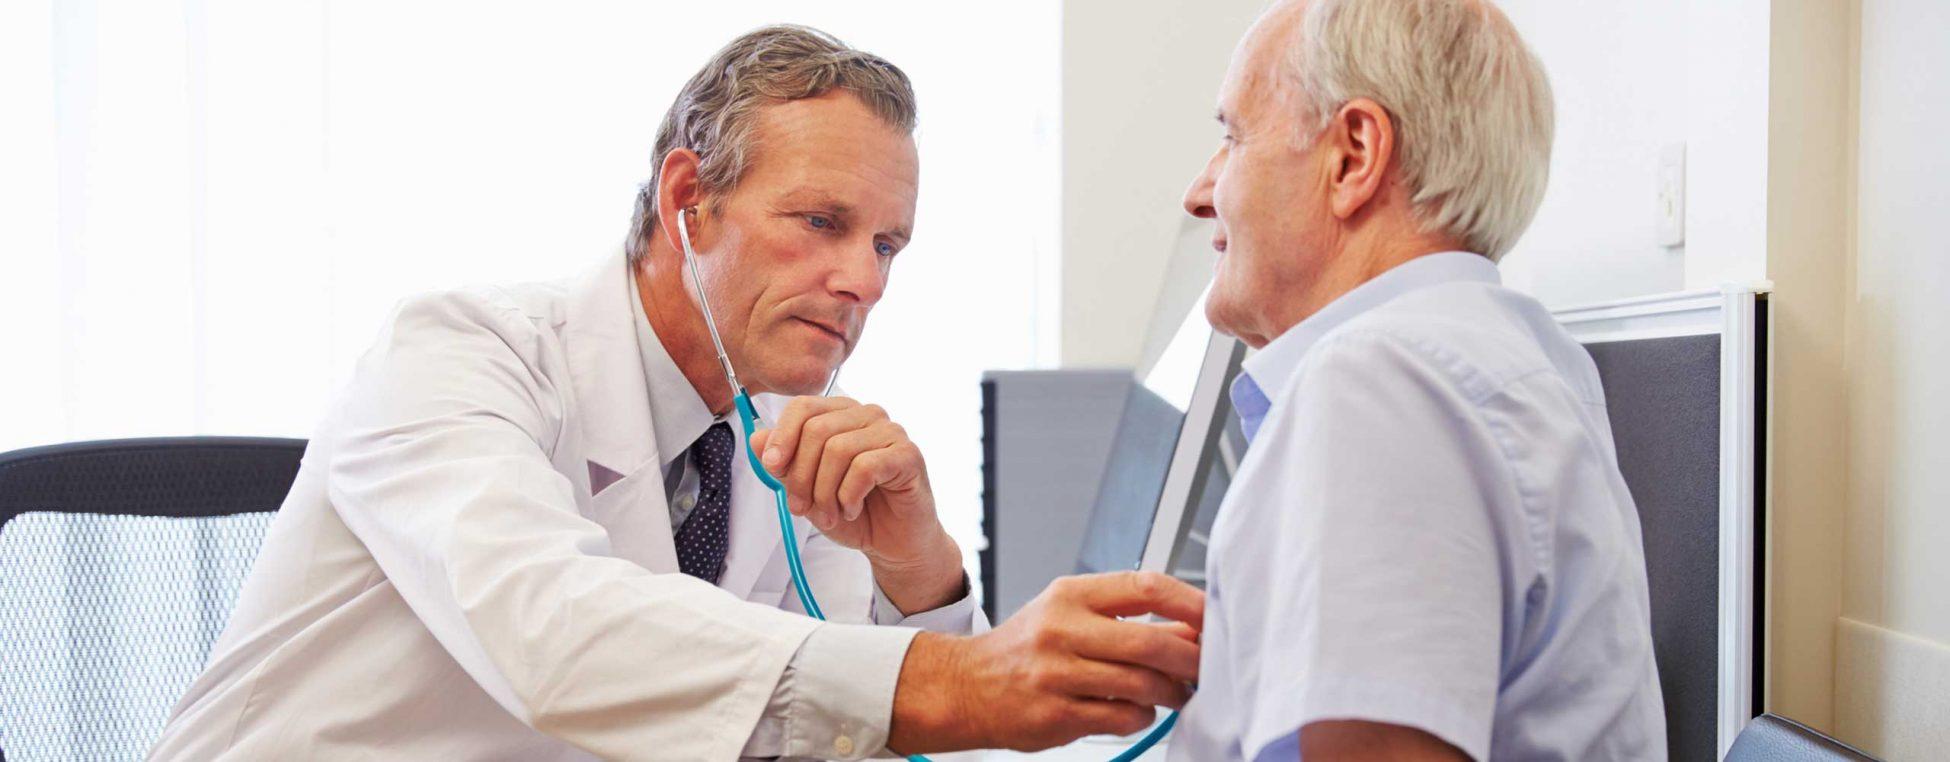 Krebsvorsorge - Arzt untersucht älteren Patienten am Oberkörper mit einem Stethoskop